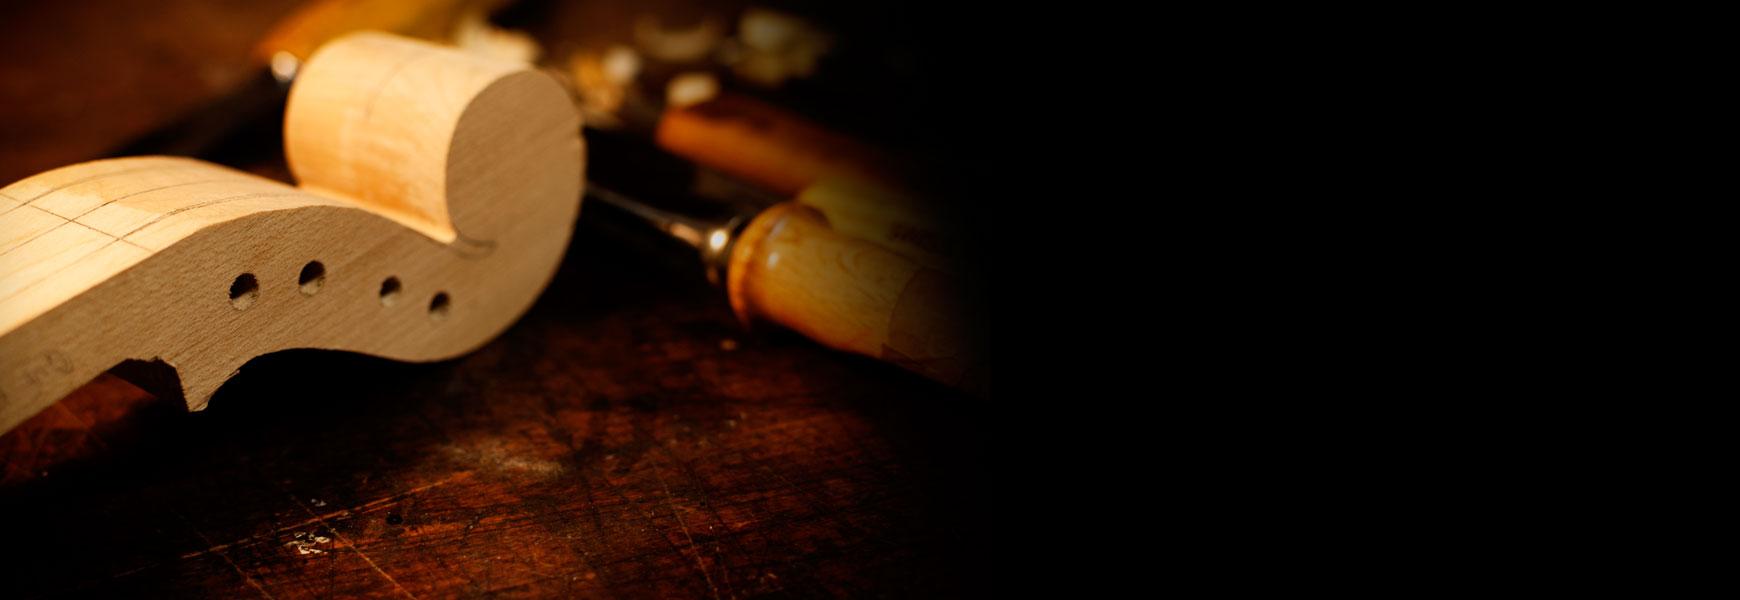 violons artesanales